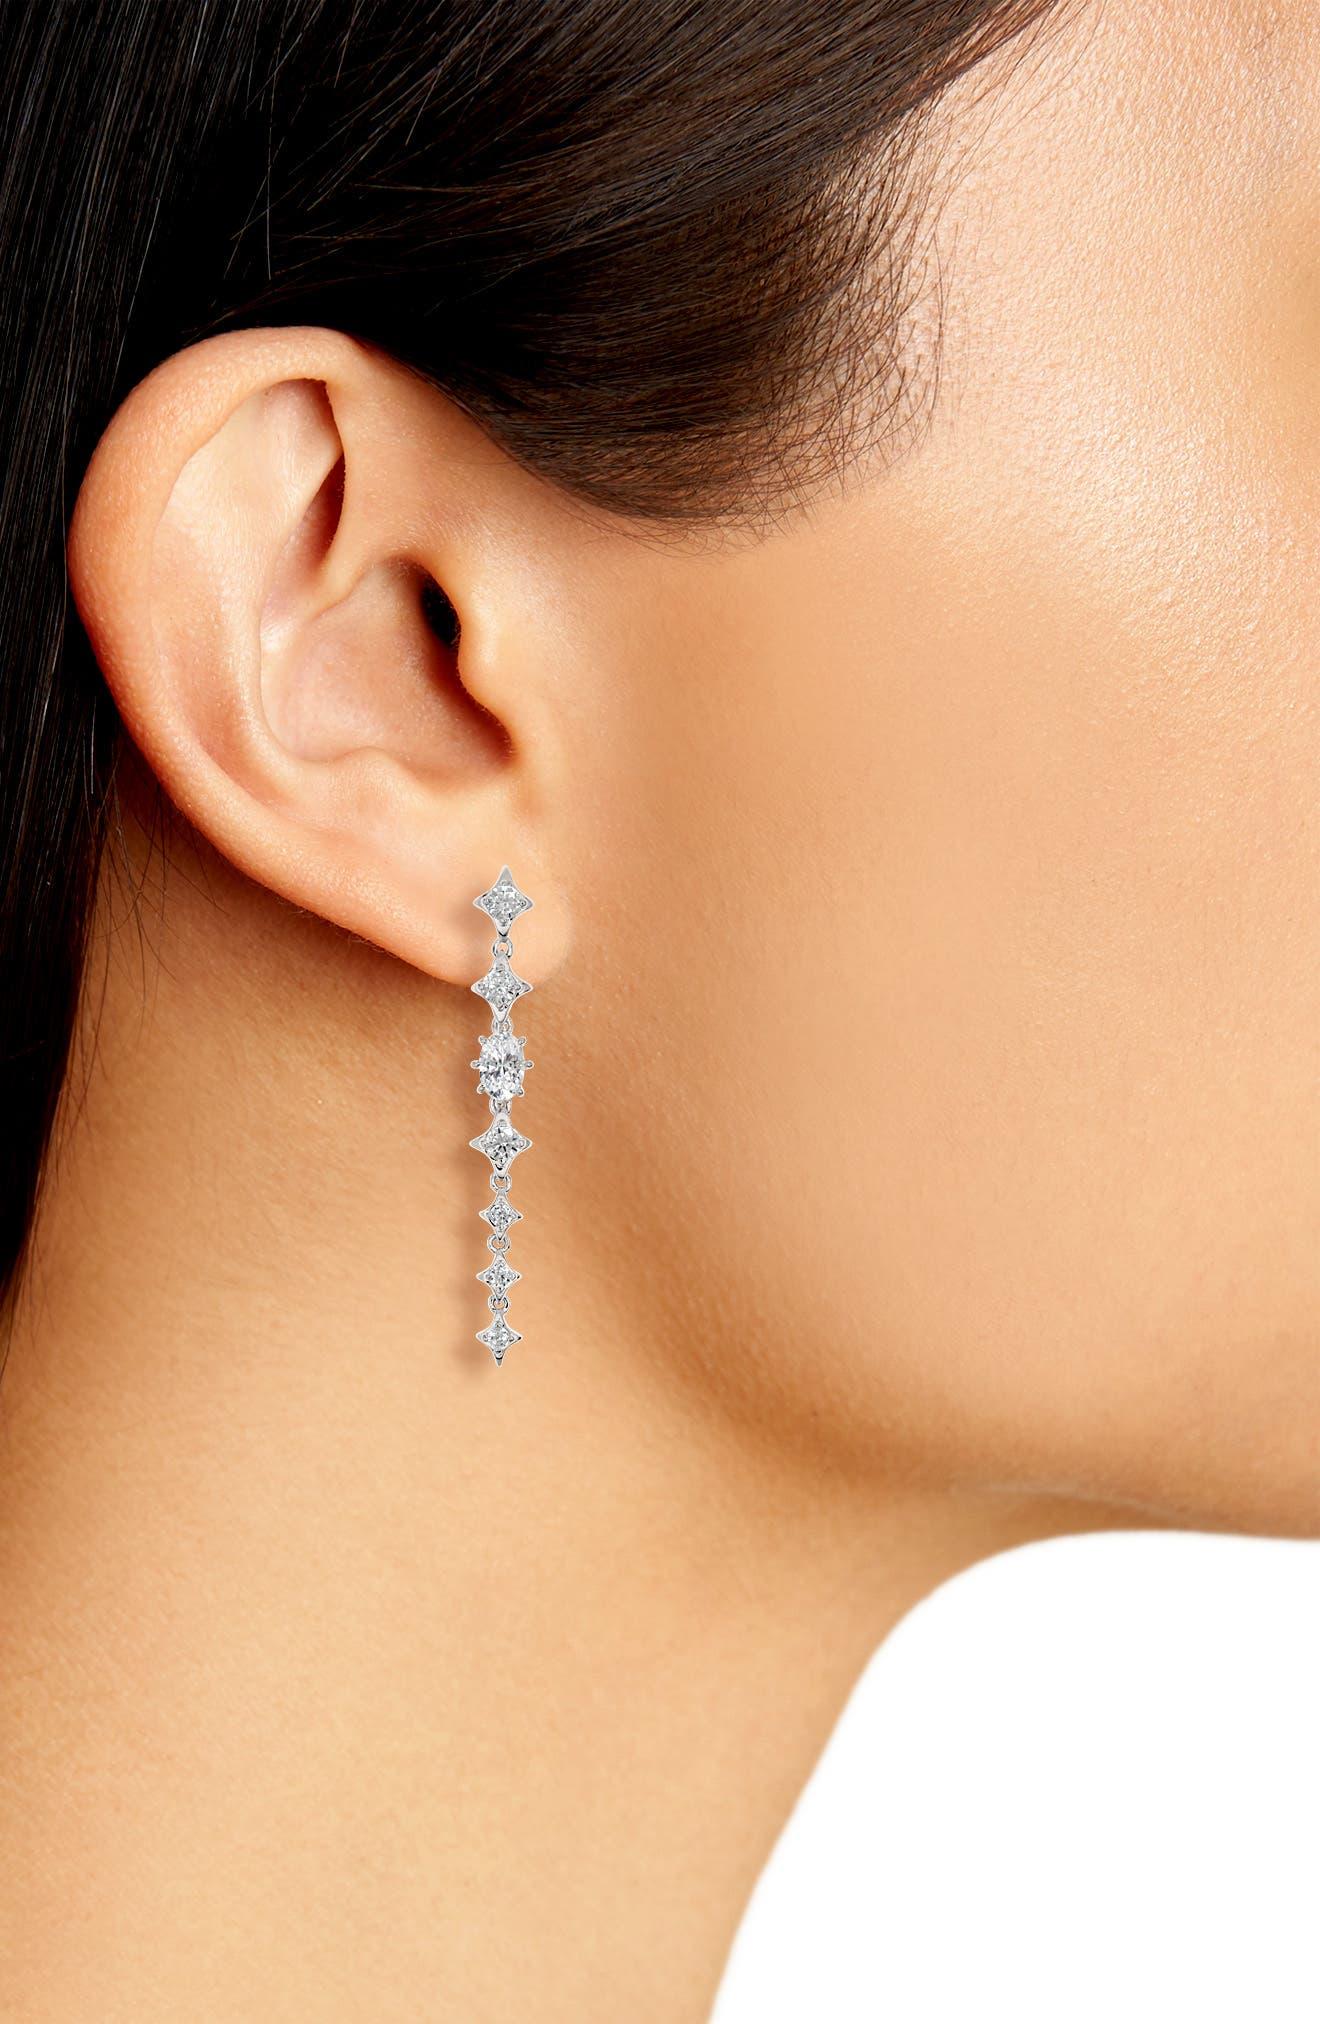 Boho Linear Drop Earrings,                             Alternate thumbnail 4, color,